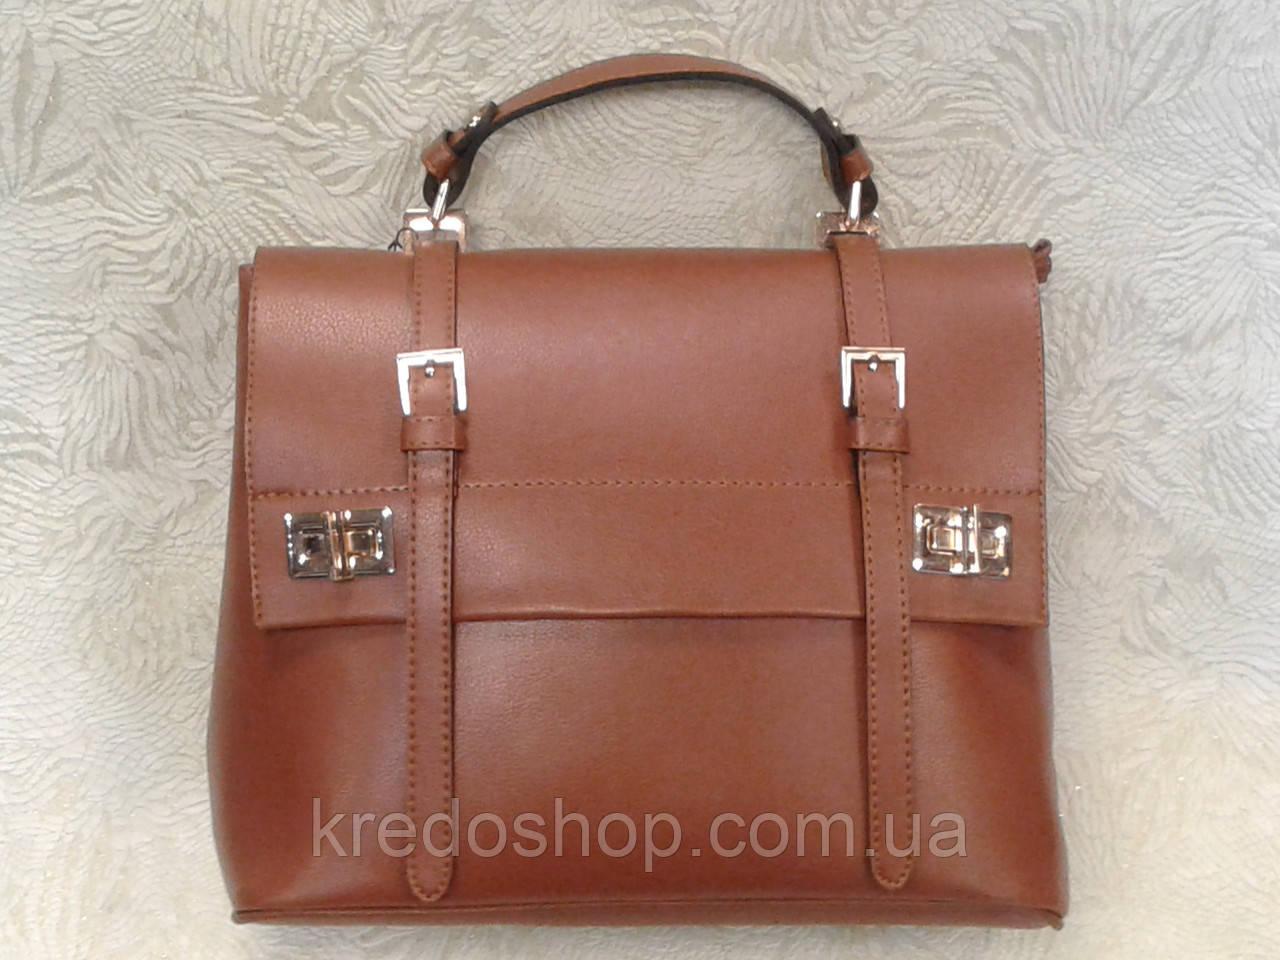 8e09c6d79f24 Сумка-клатч женская в форме портфеля,стильная(Турция), цена 398 грн.,  купить в Кривом Роге — Prom.ua (ID#270534608)